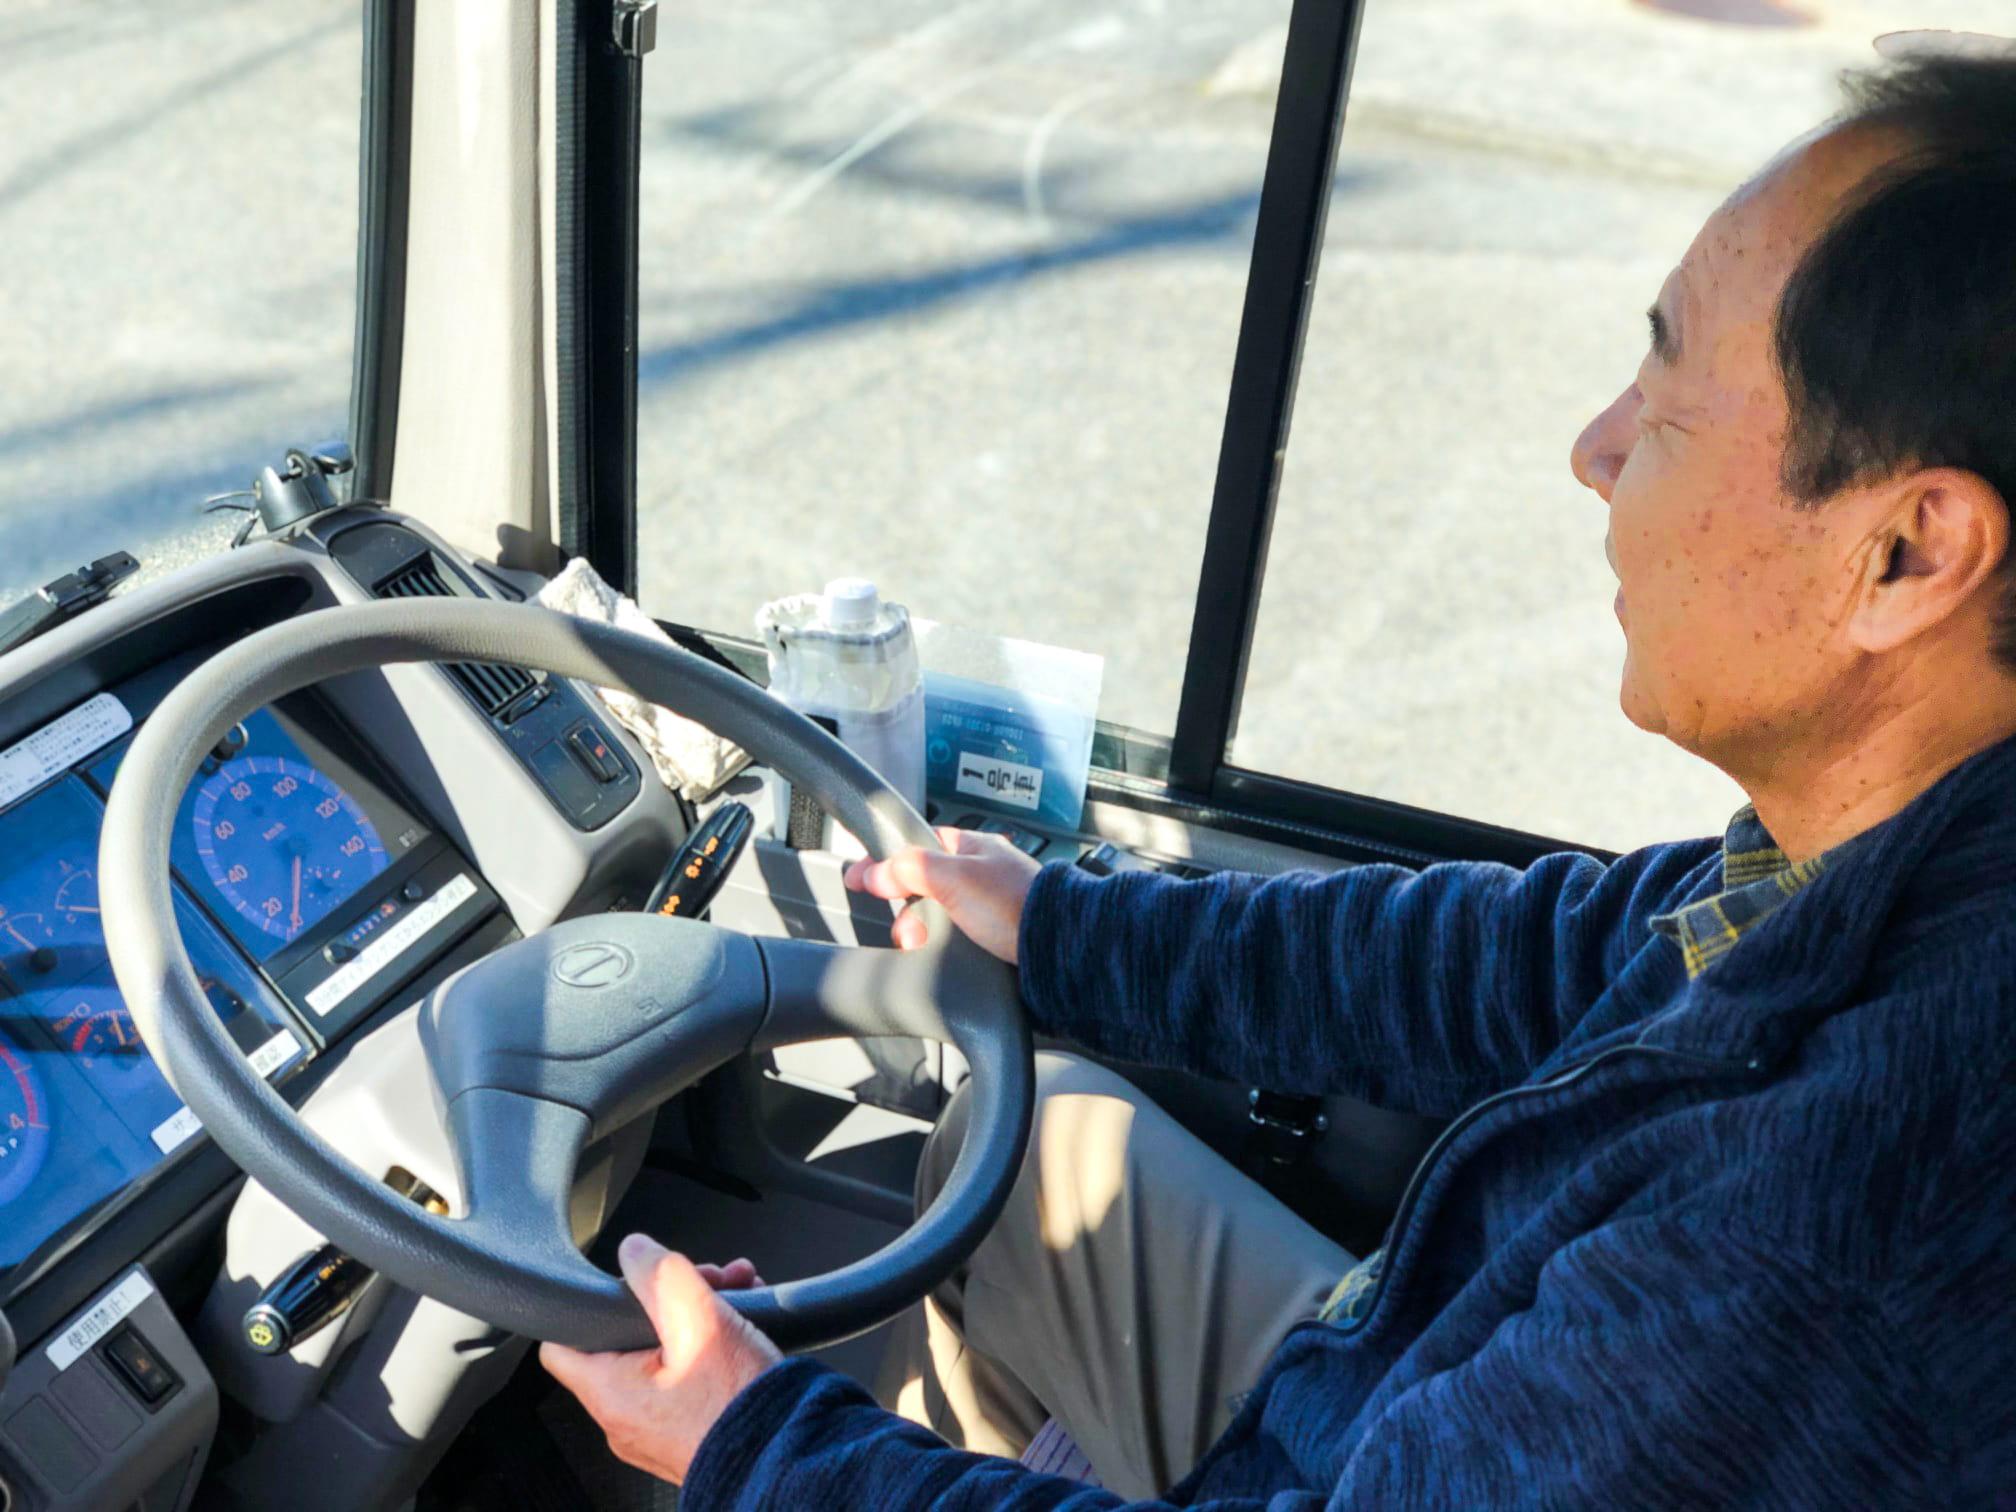 パート・スクールバス運転手 岩国店 シフト制で仕事もプライベートも充実 採用・求人情報 SSSグループ